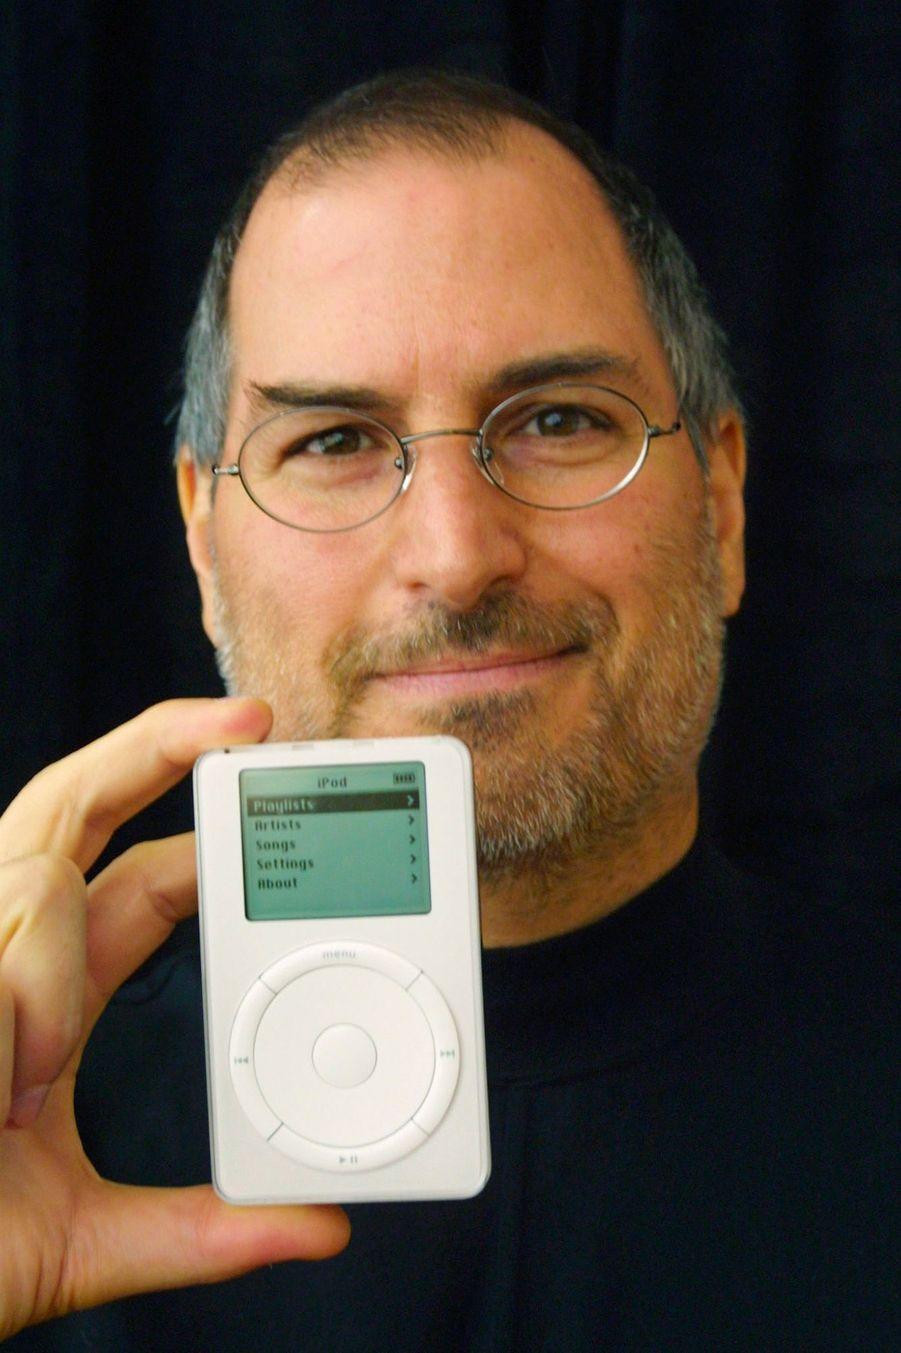 2001. Sortie du premier iPod qui va devenir le produit emblématique de la marque. Ce modèle a la capacité de contenir 1000 CDs.